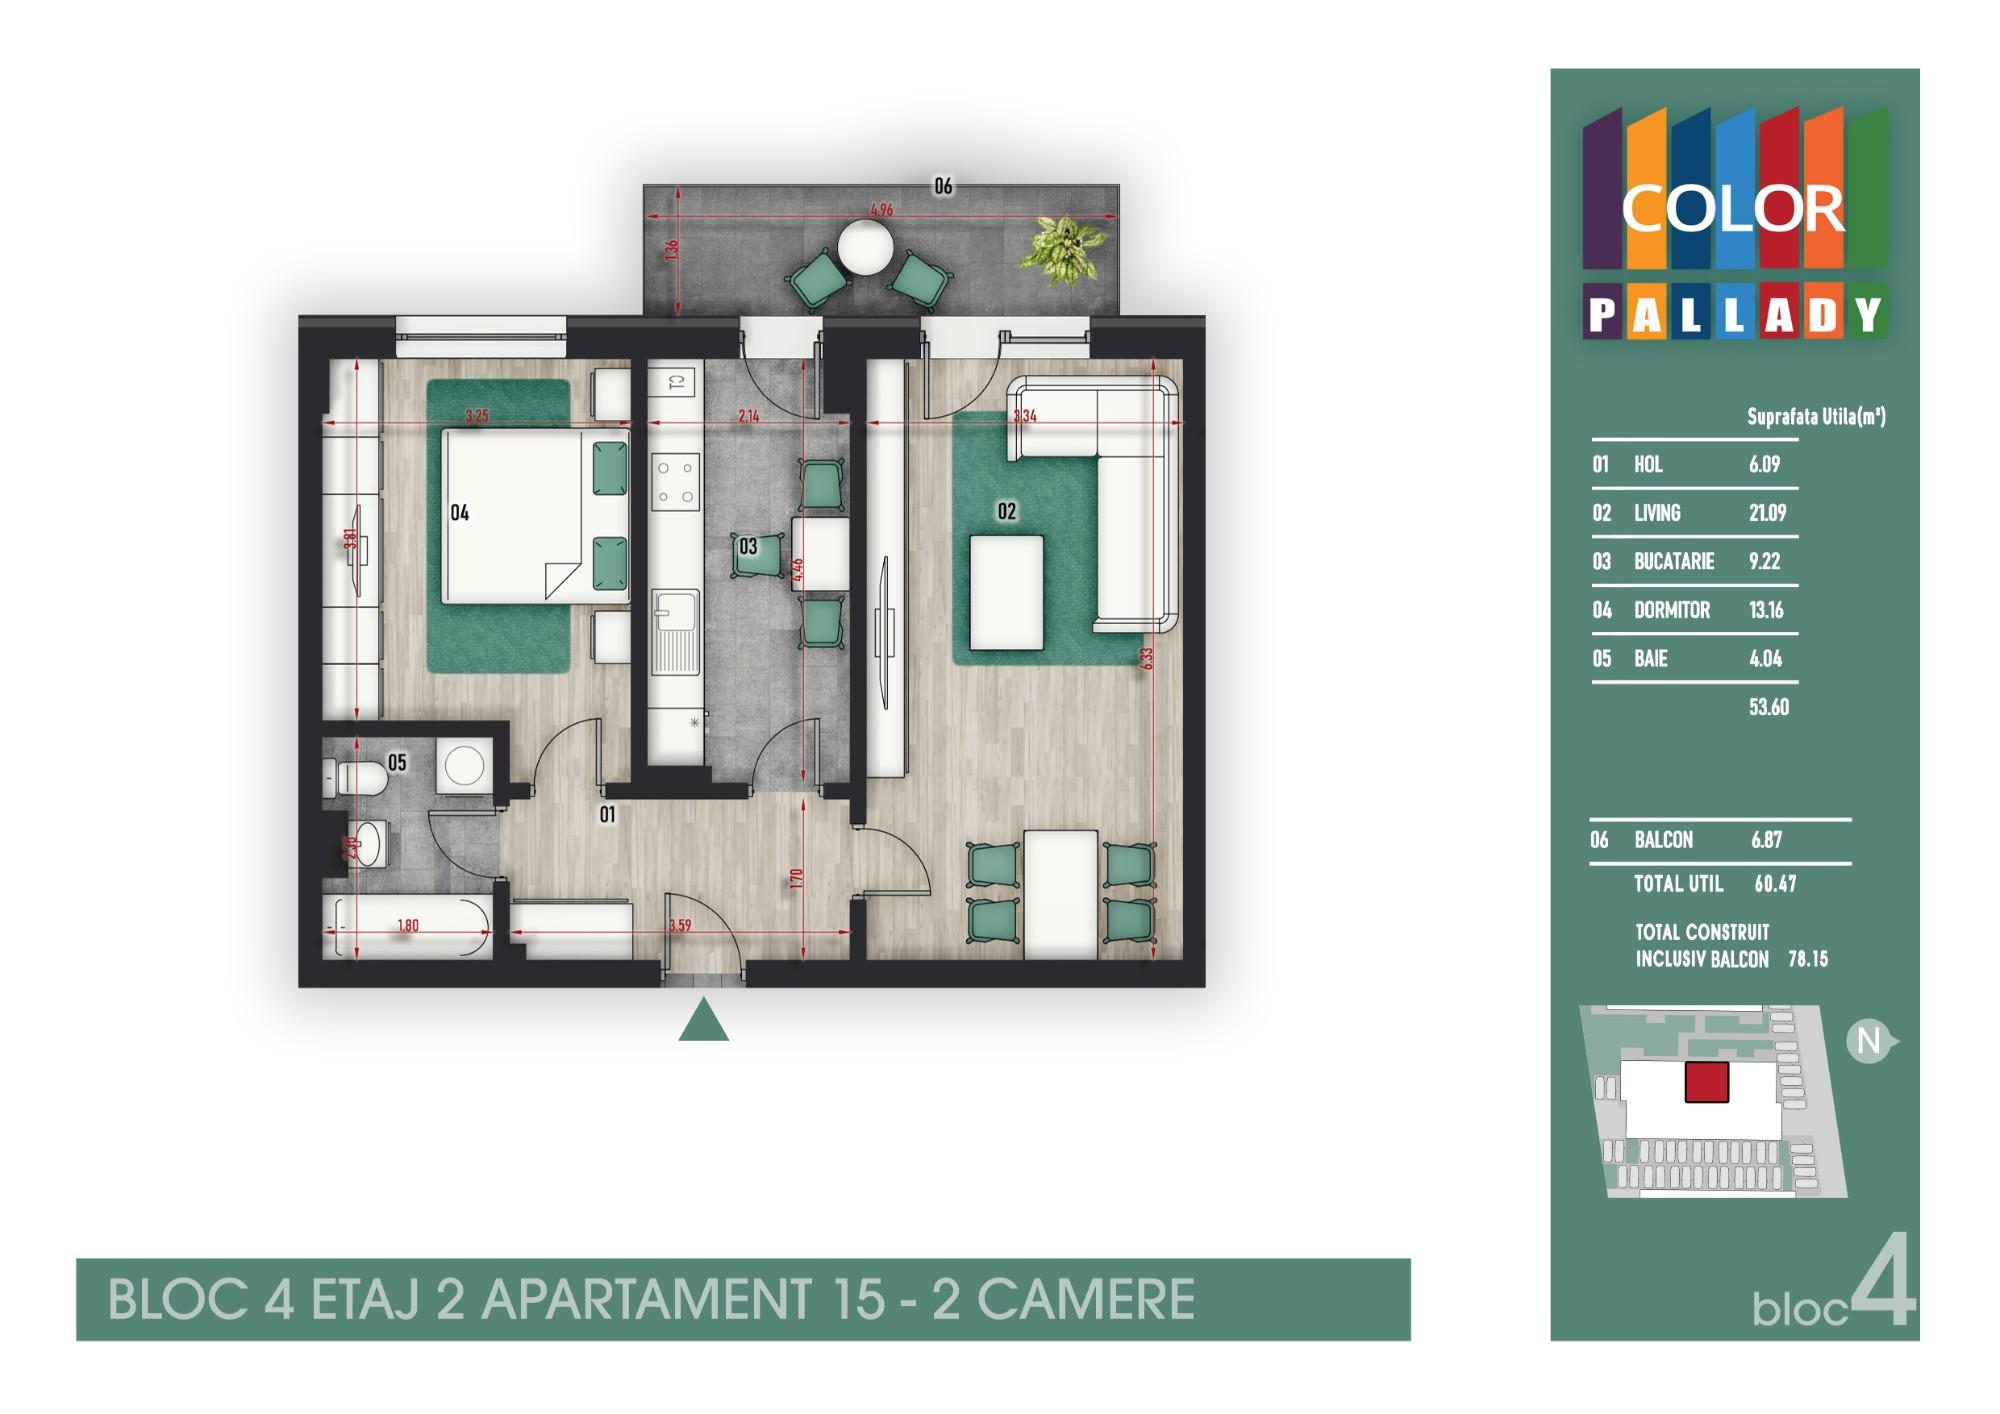 Bloc 4 - Etaj 2 - Apartament 15